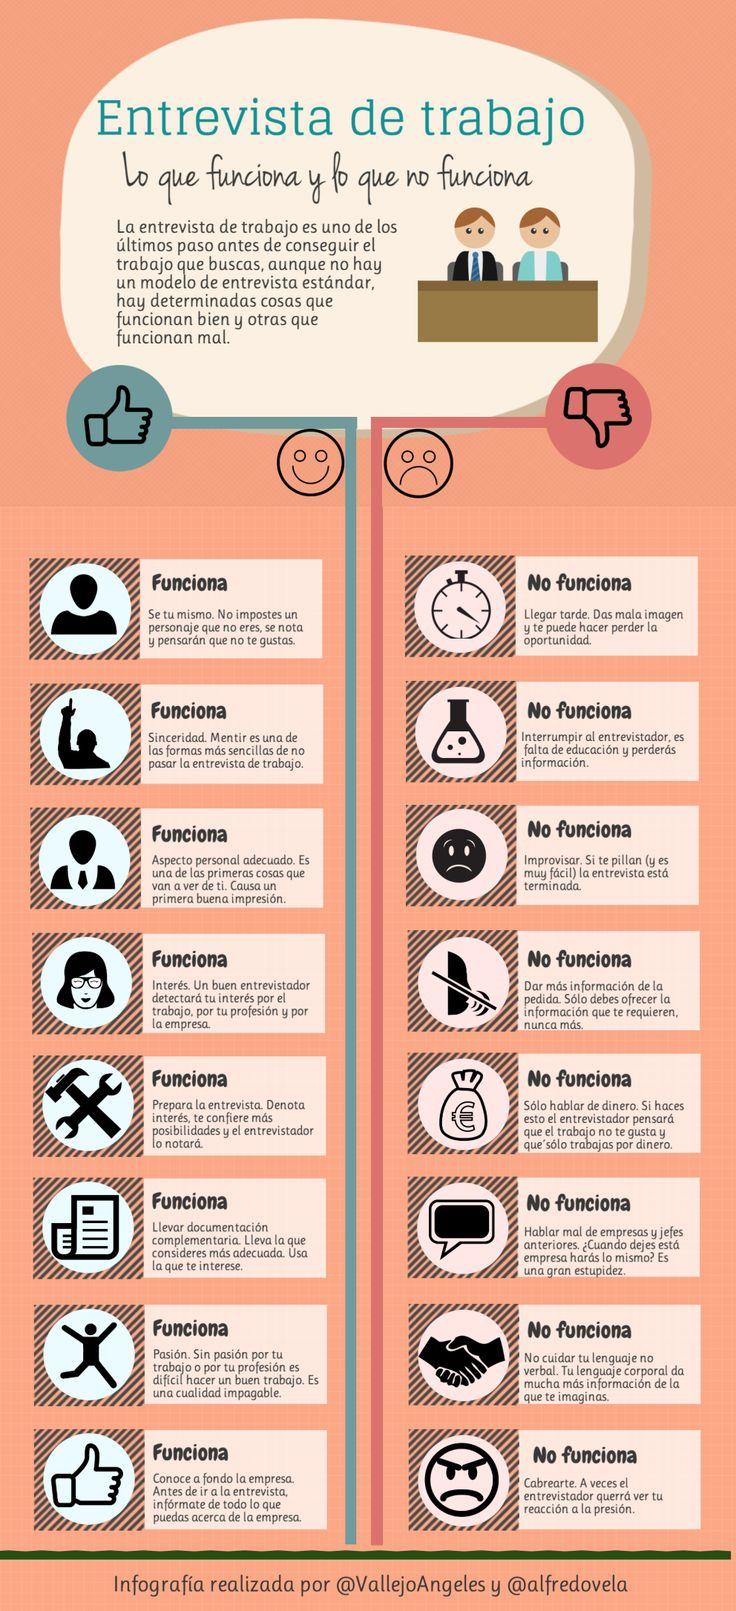 Entrevista de trabajo: qué funciona y qué no #infografia